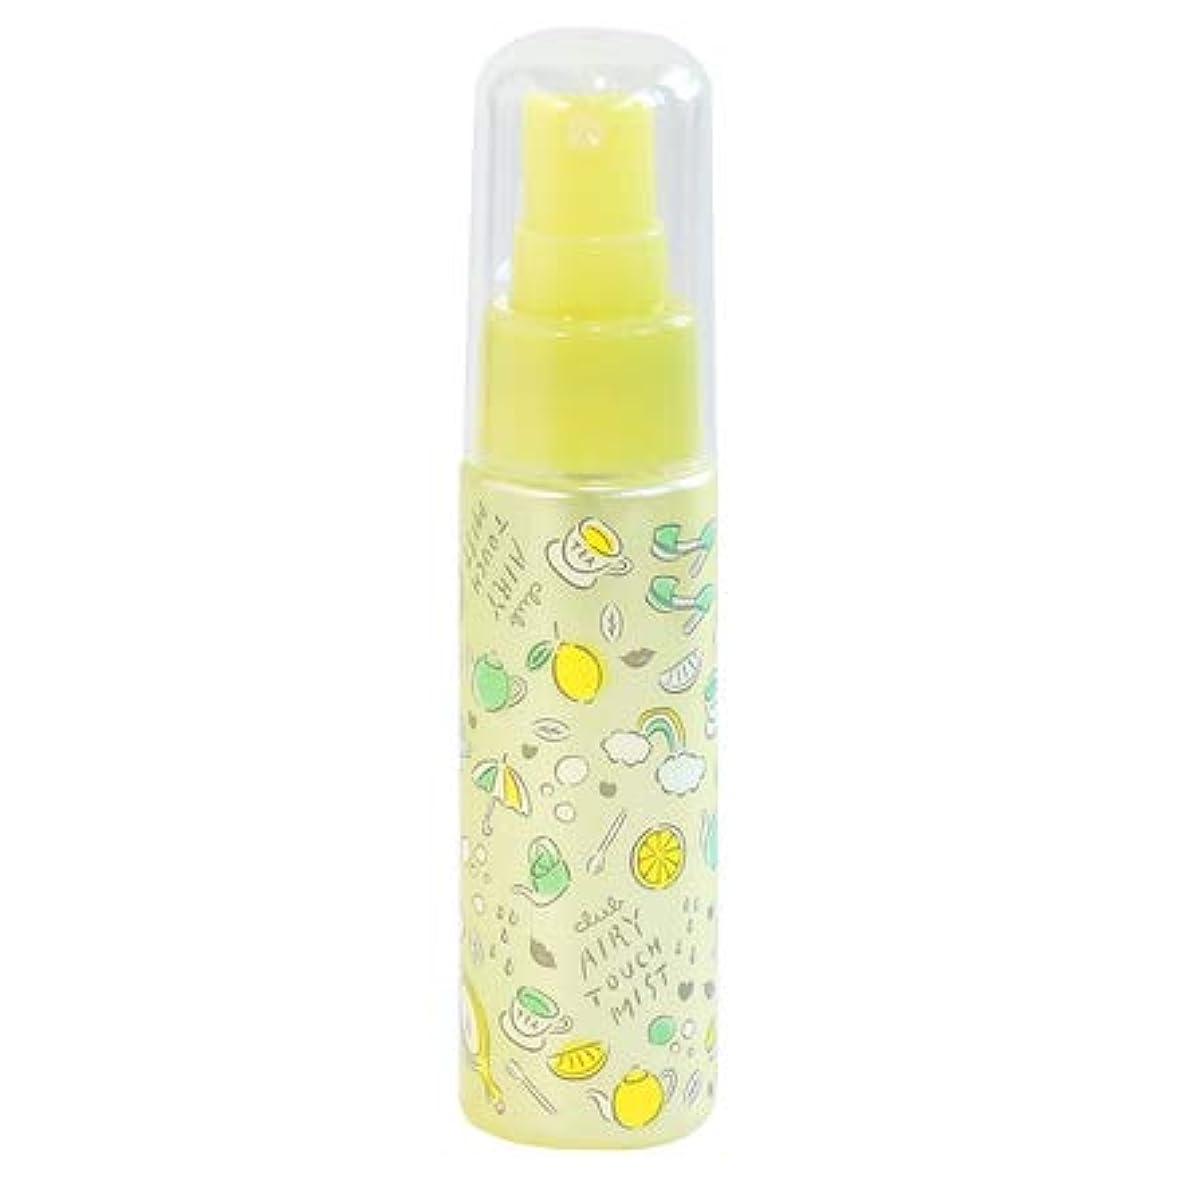 のり頻繁にコールクラブ エアリータッチミスト レモンリーフティーの香り_50ml_化粧水